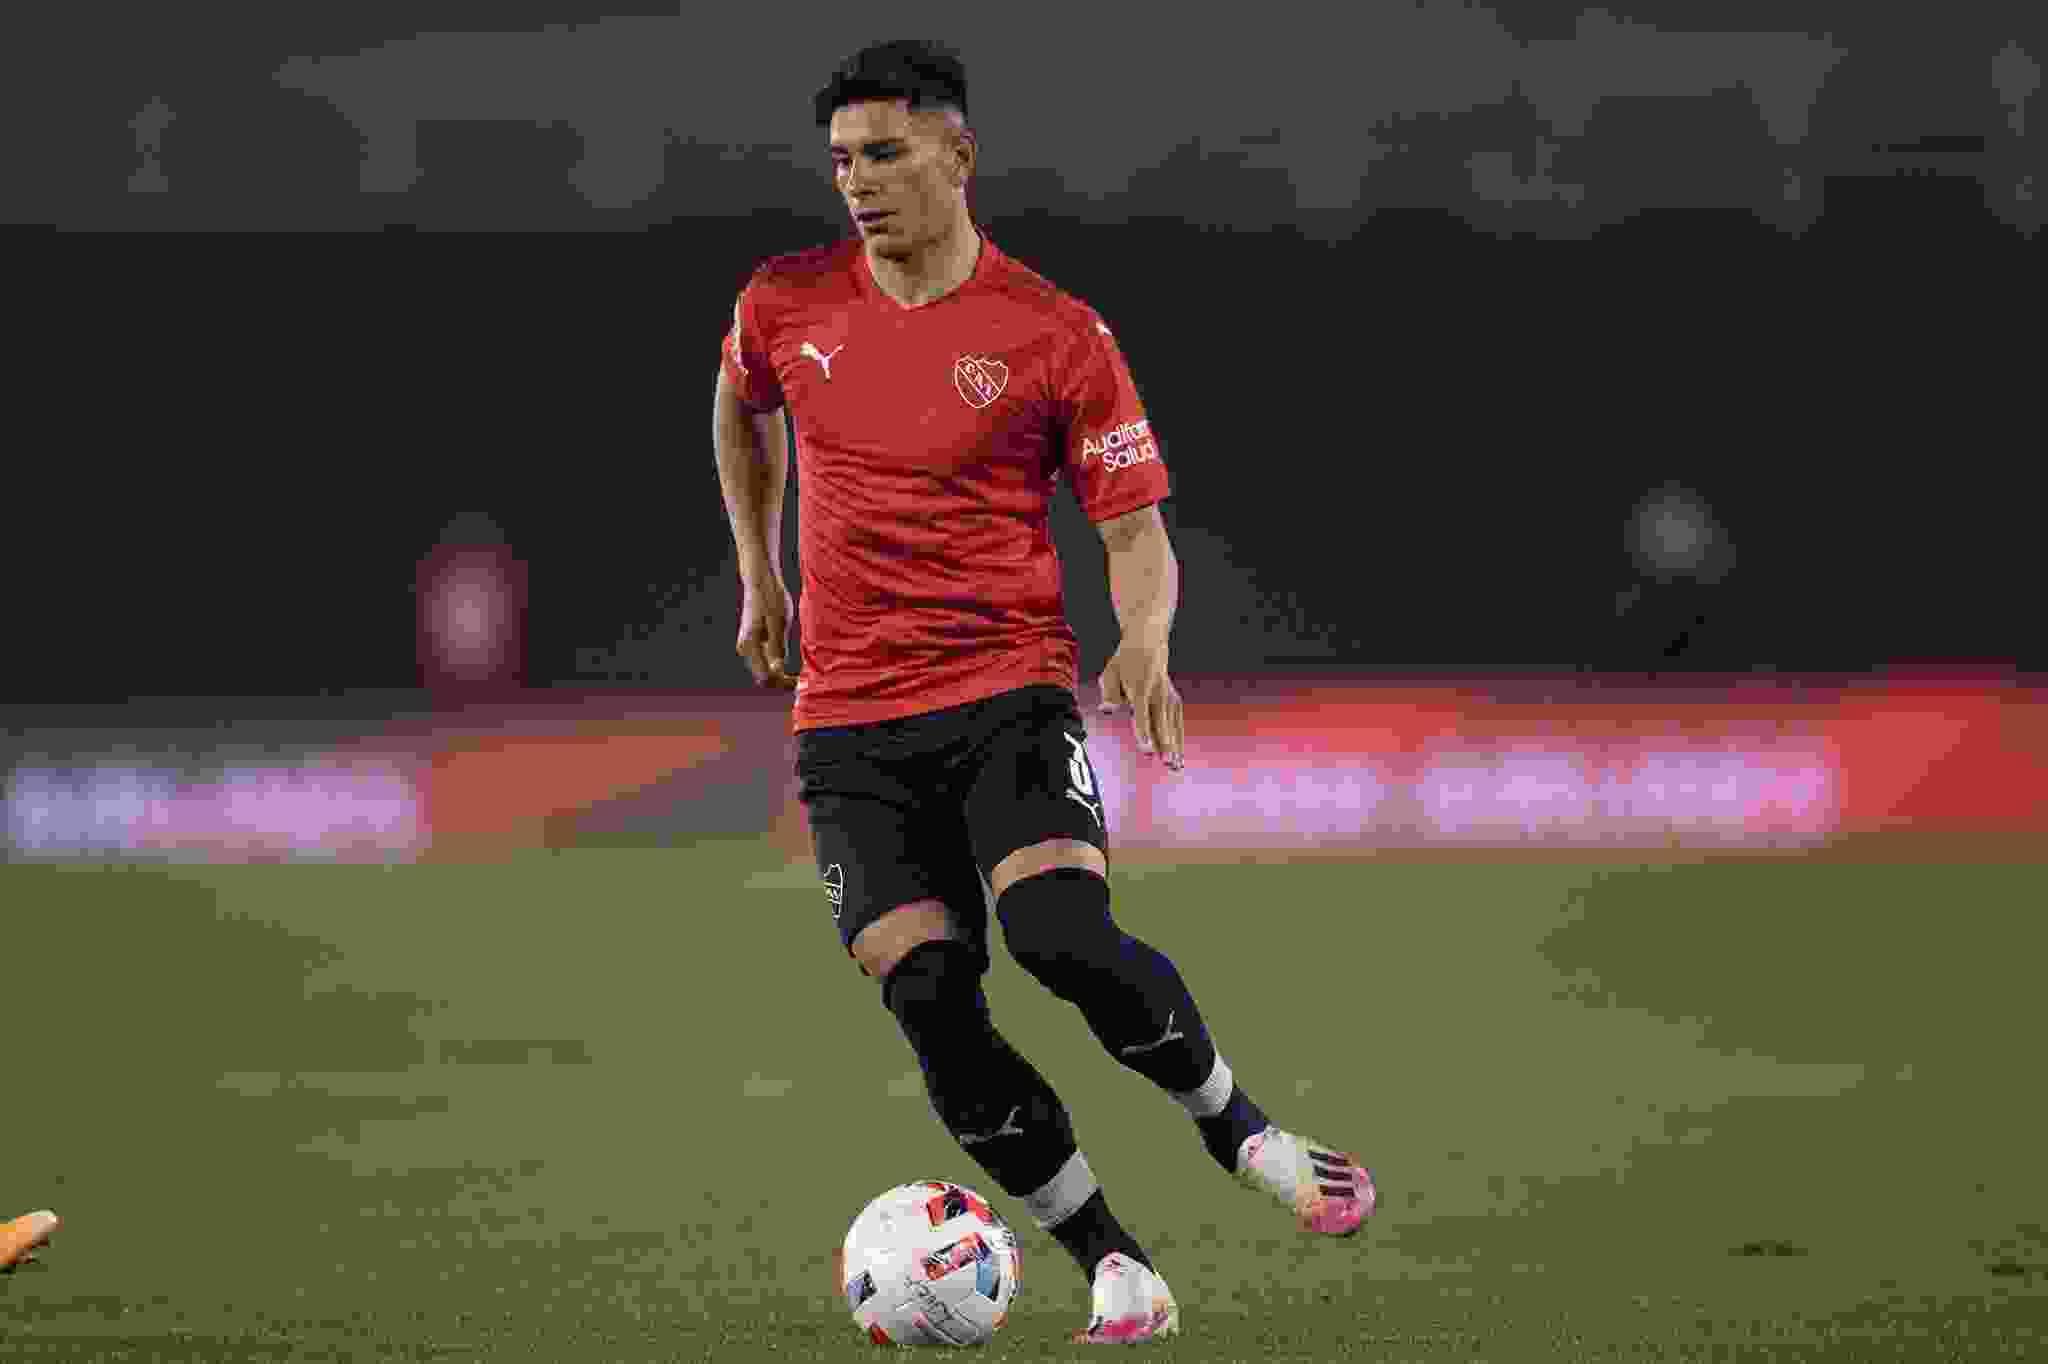 Thomas Ortega, futbolsita formado en el Club Atlético Independiente, se quedaría con el puesto al tener la banca de Julio Falcioni.